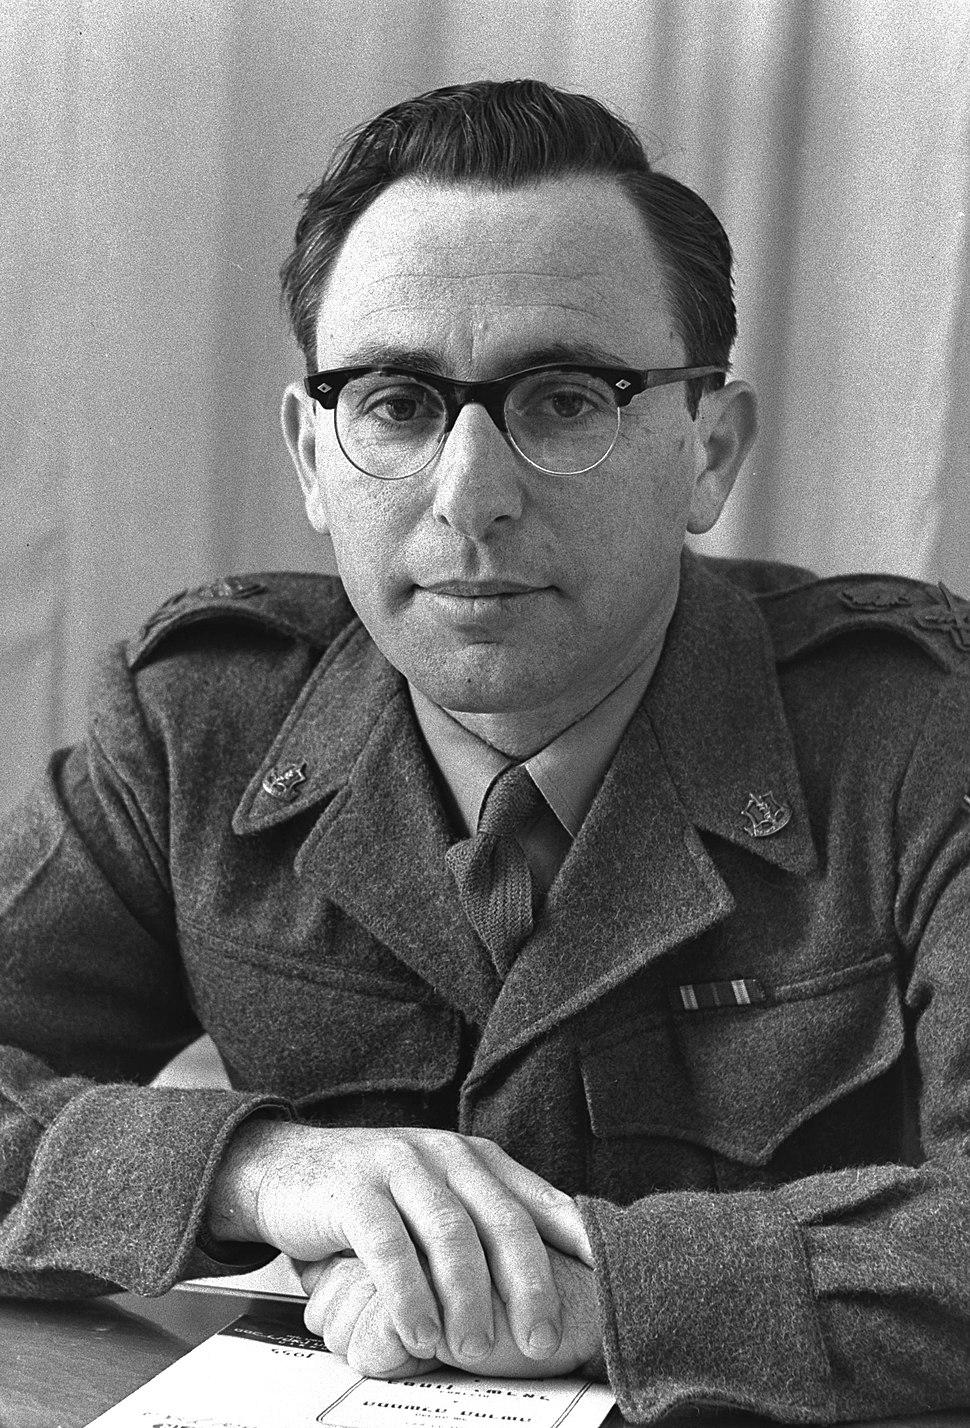 צבי צור בשנת 1955